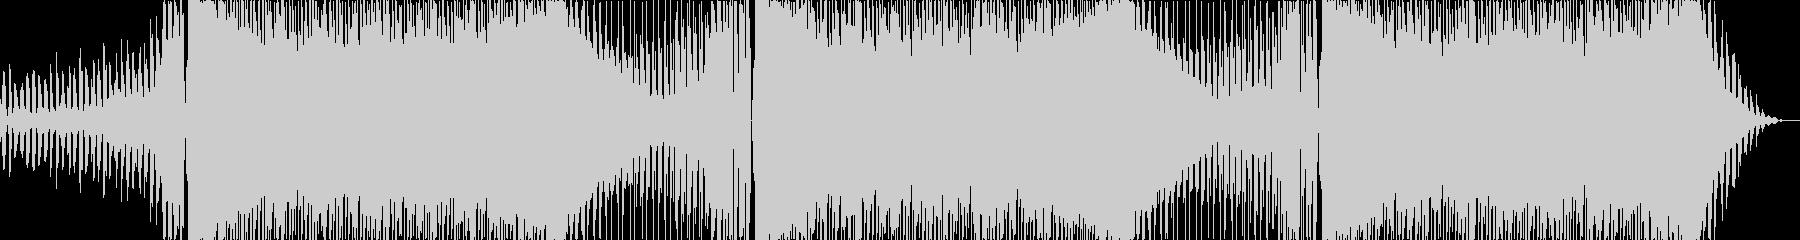 キャッチーで少しダークなEDMロングの未再生の波形